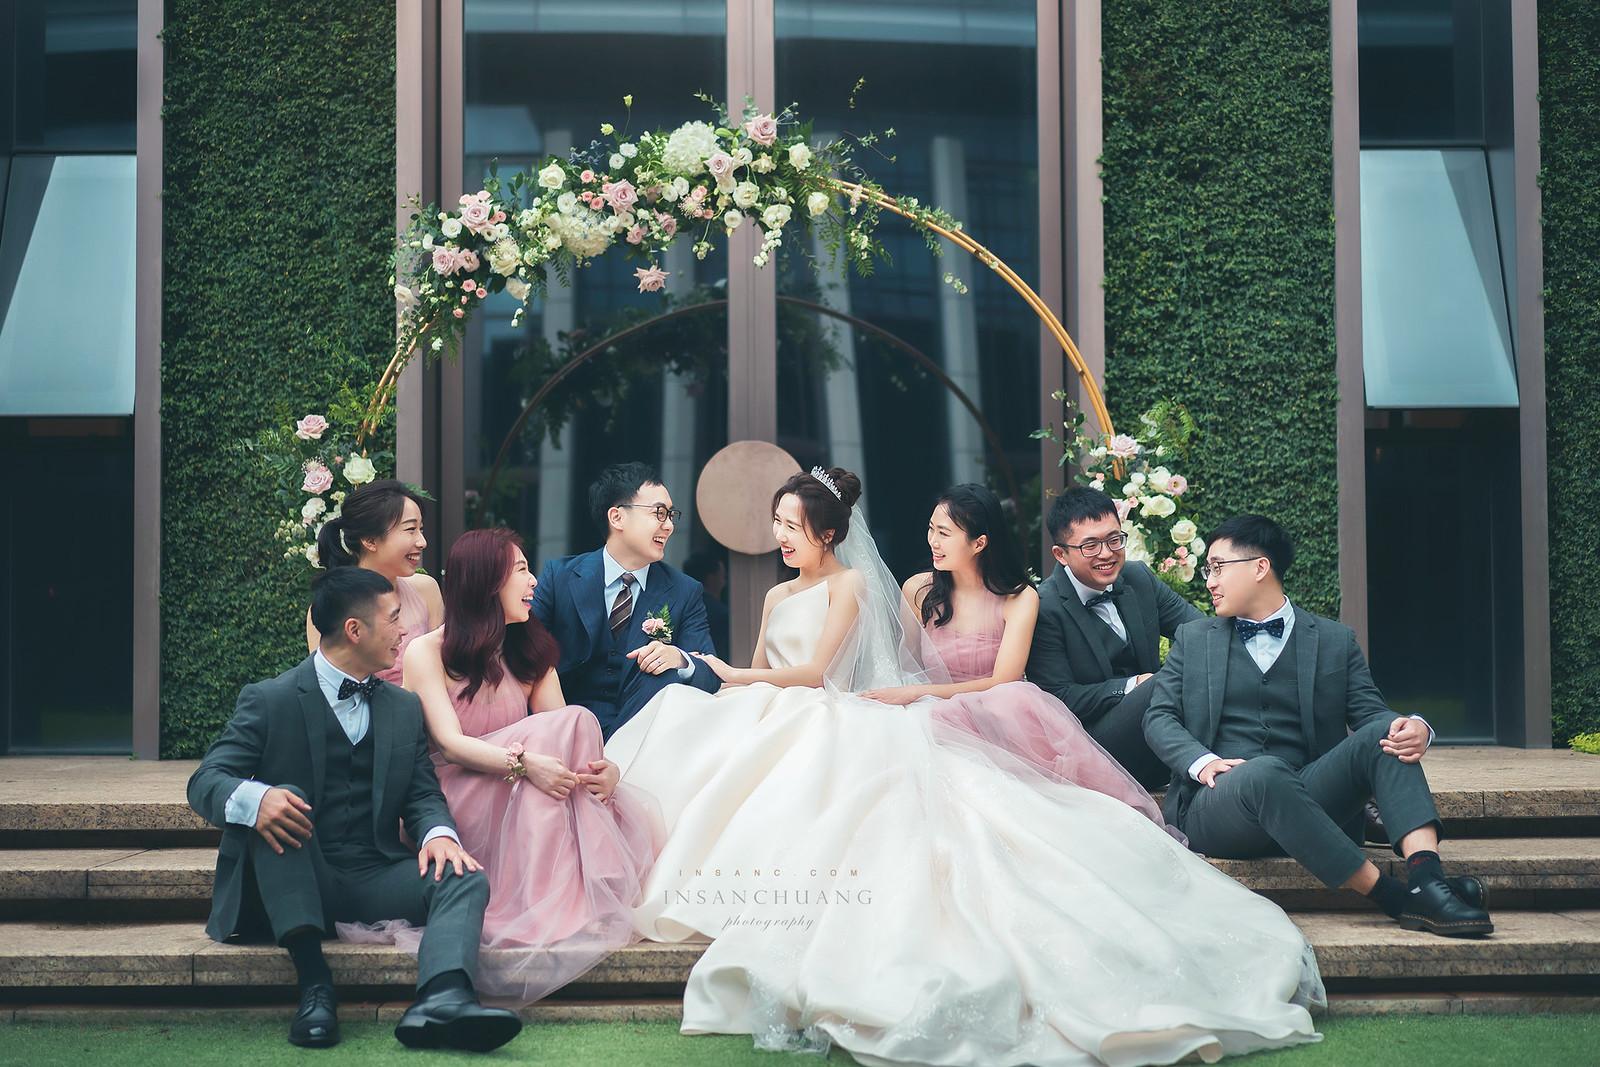 婚攝英聖-萬豪酒店美式婚禮-婚攝英聖-萬豪美式婚禮-20210307130727-1920